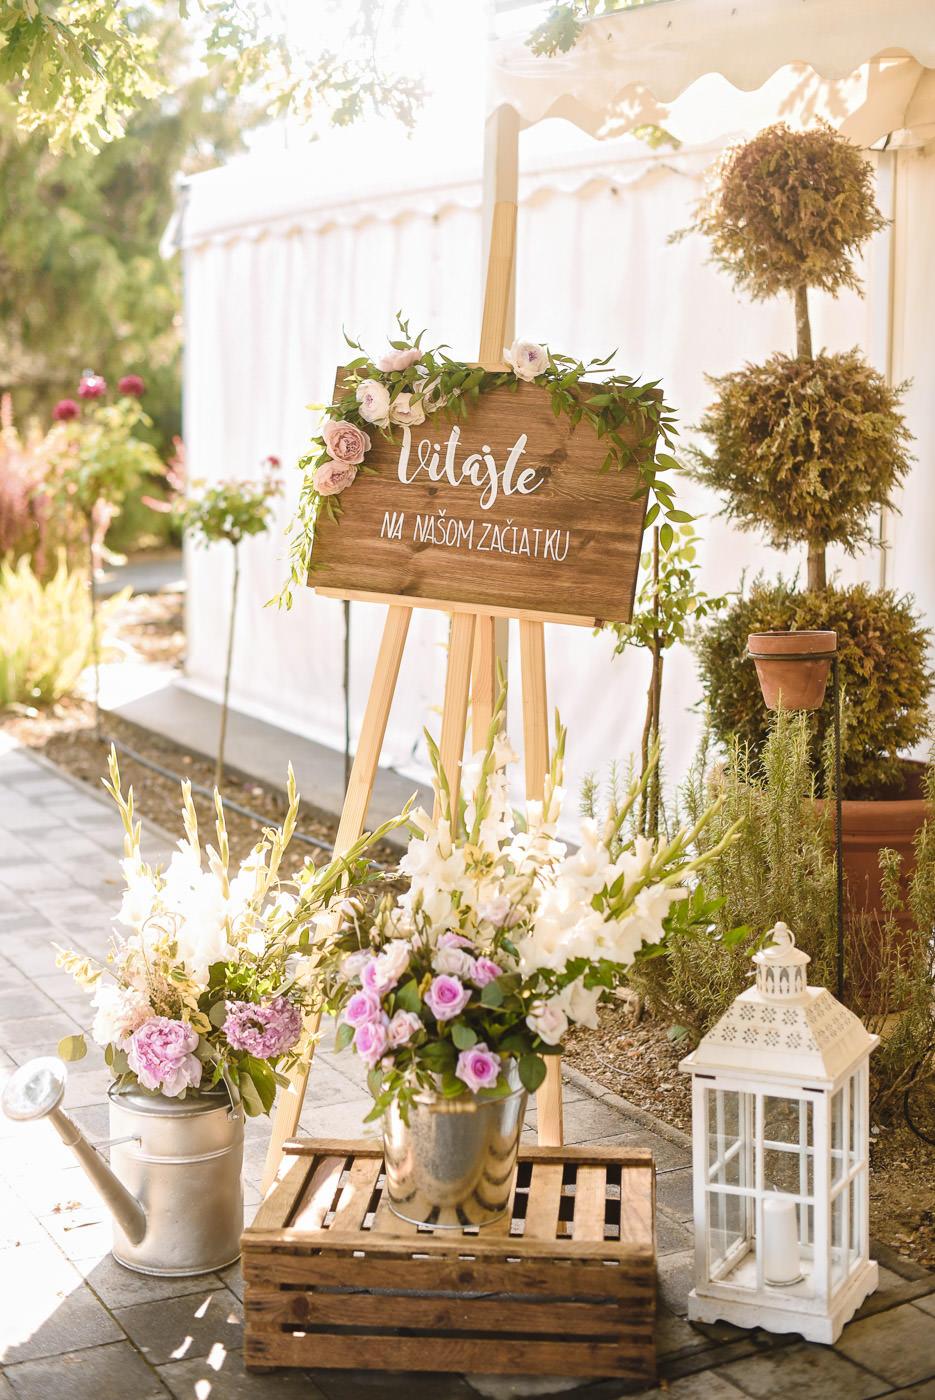 Susan&Sis decor - svadobná výzdoba a dekorácie svadieb a eventov